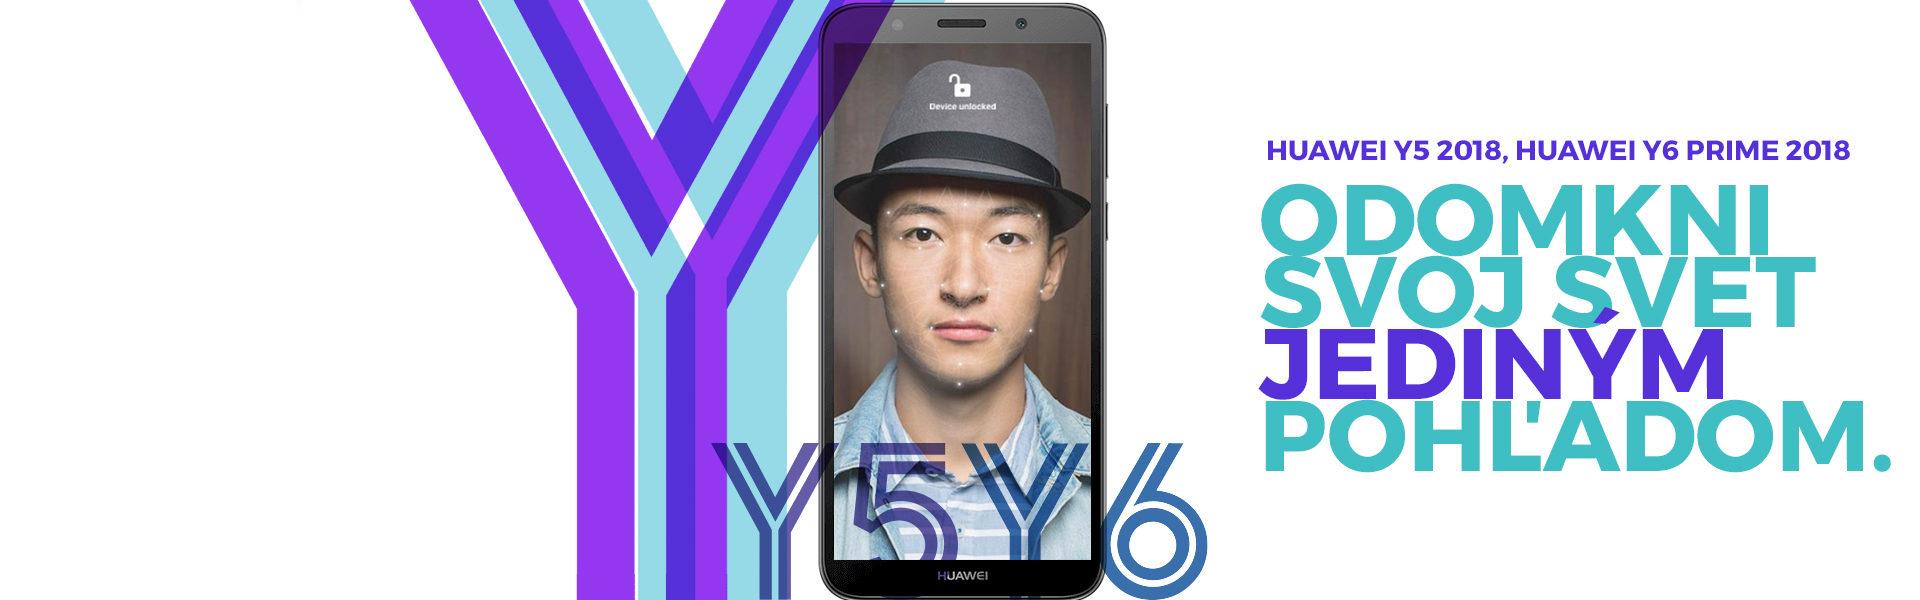 Huawei Y5 2018, Huawei Y6  Prime 2018 - Huawei Sk - Duntel